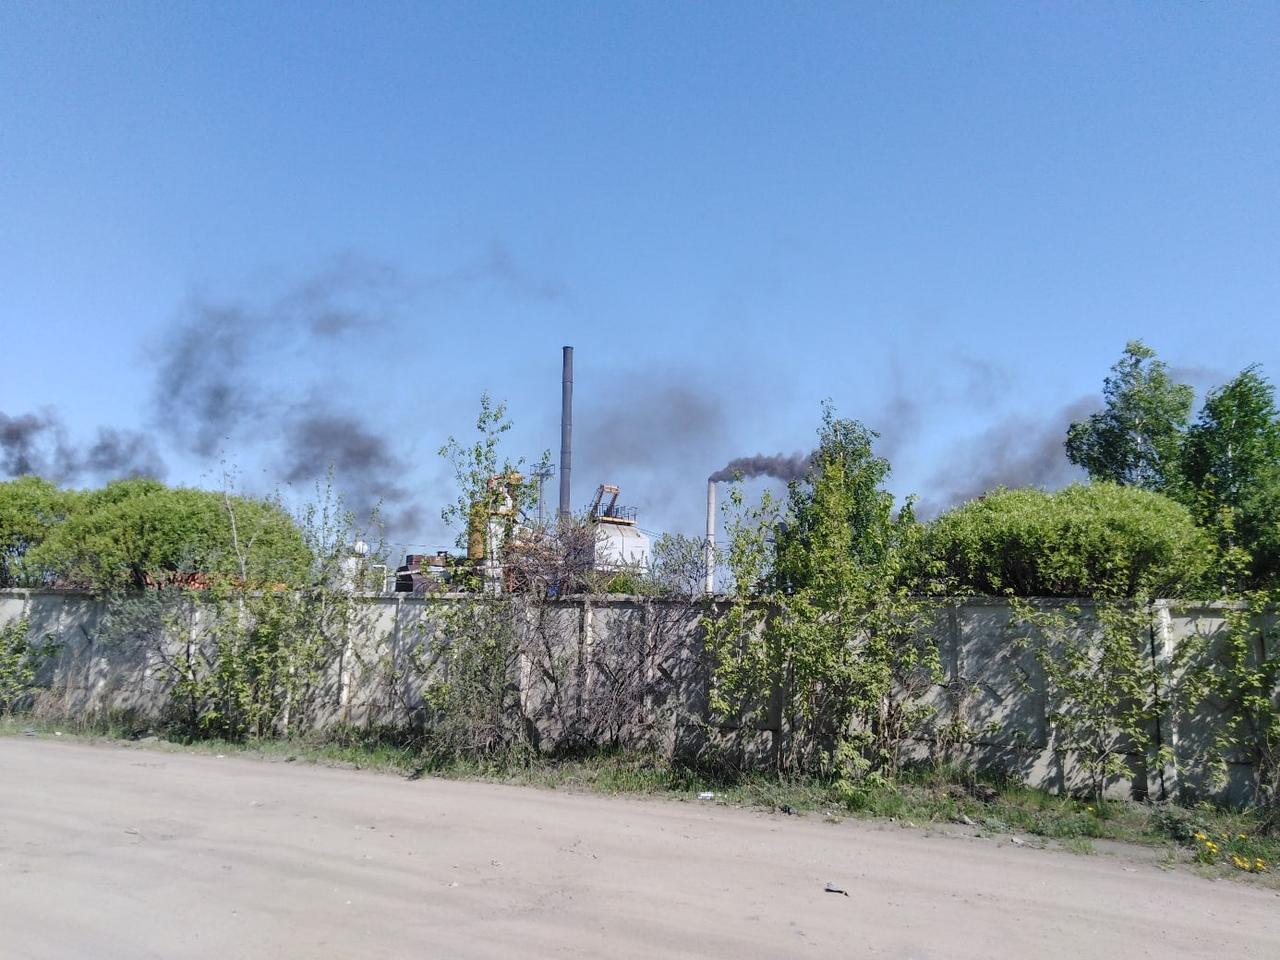 Омску дали 600 млн на чистый воздух #Новости #Общество #Омск